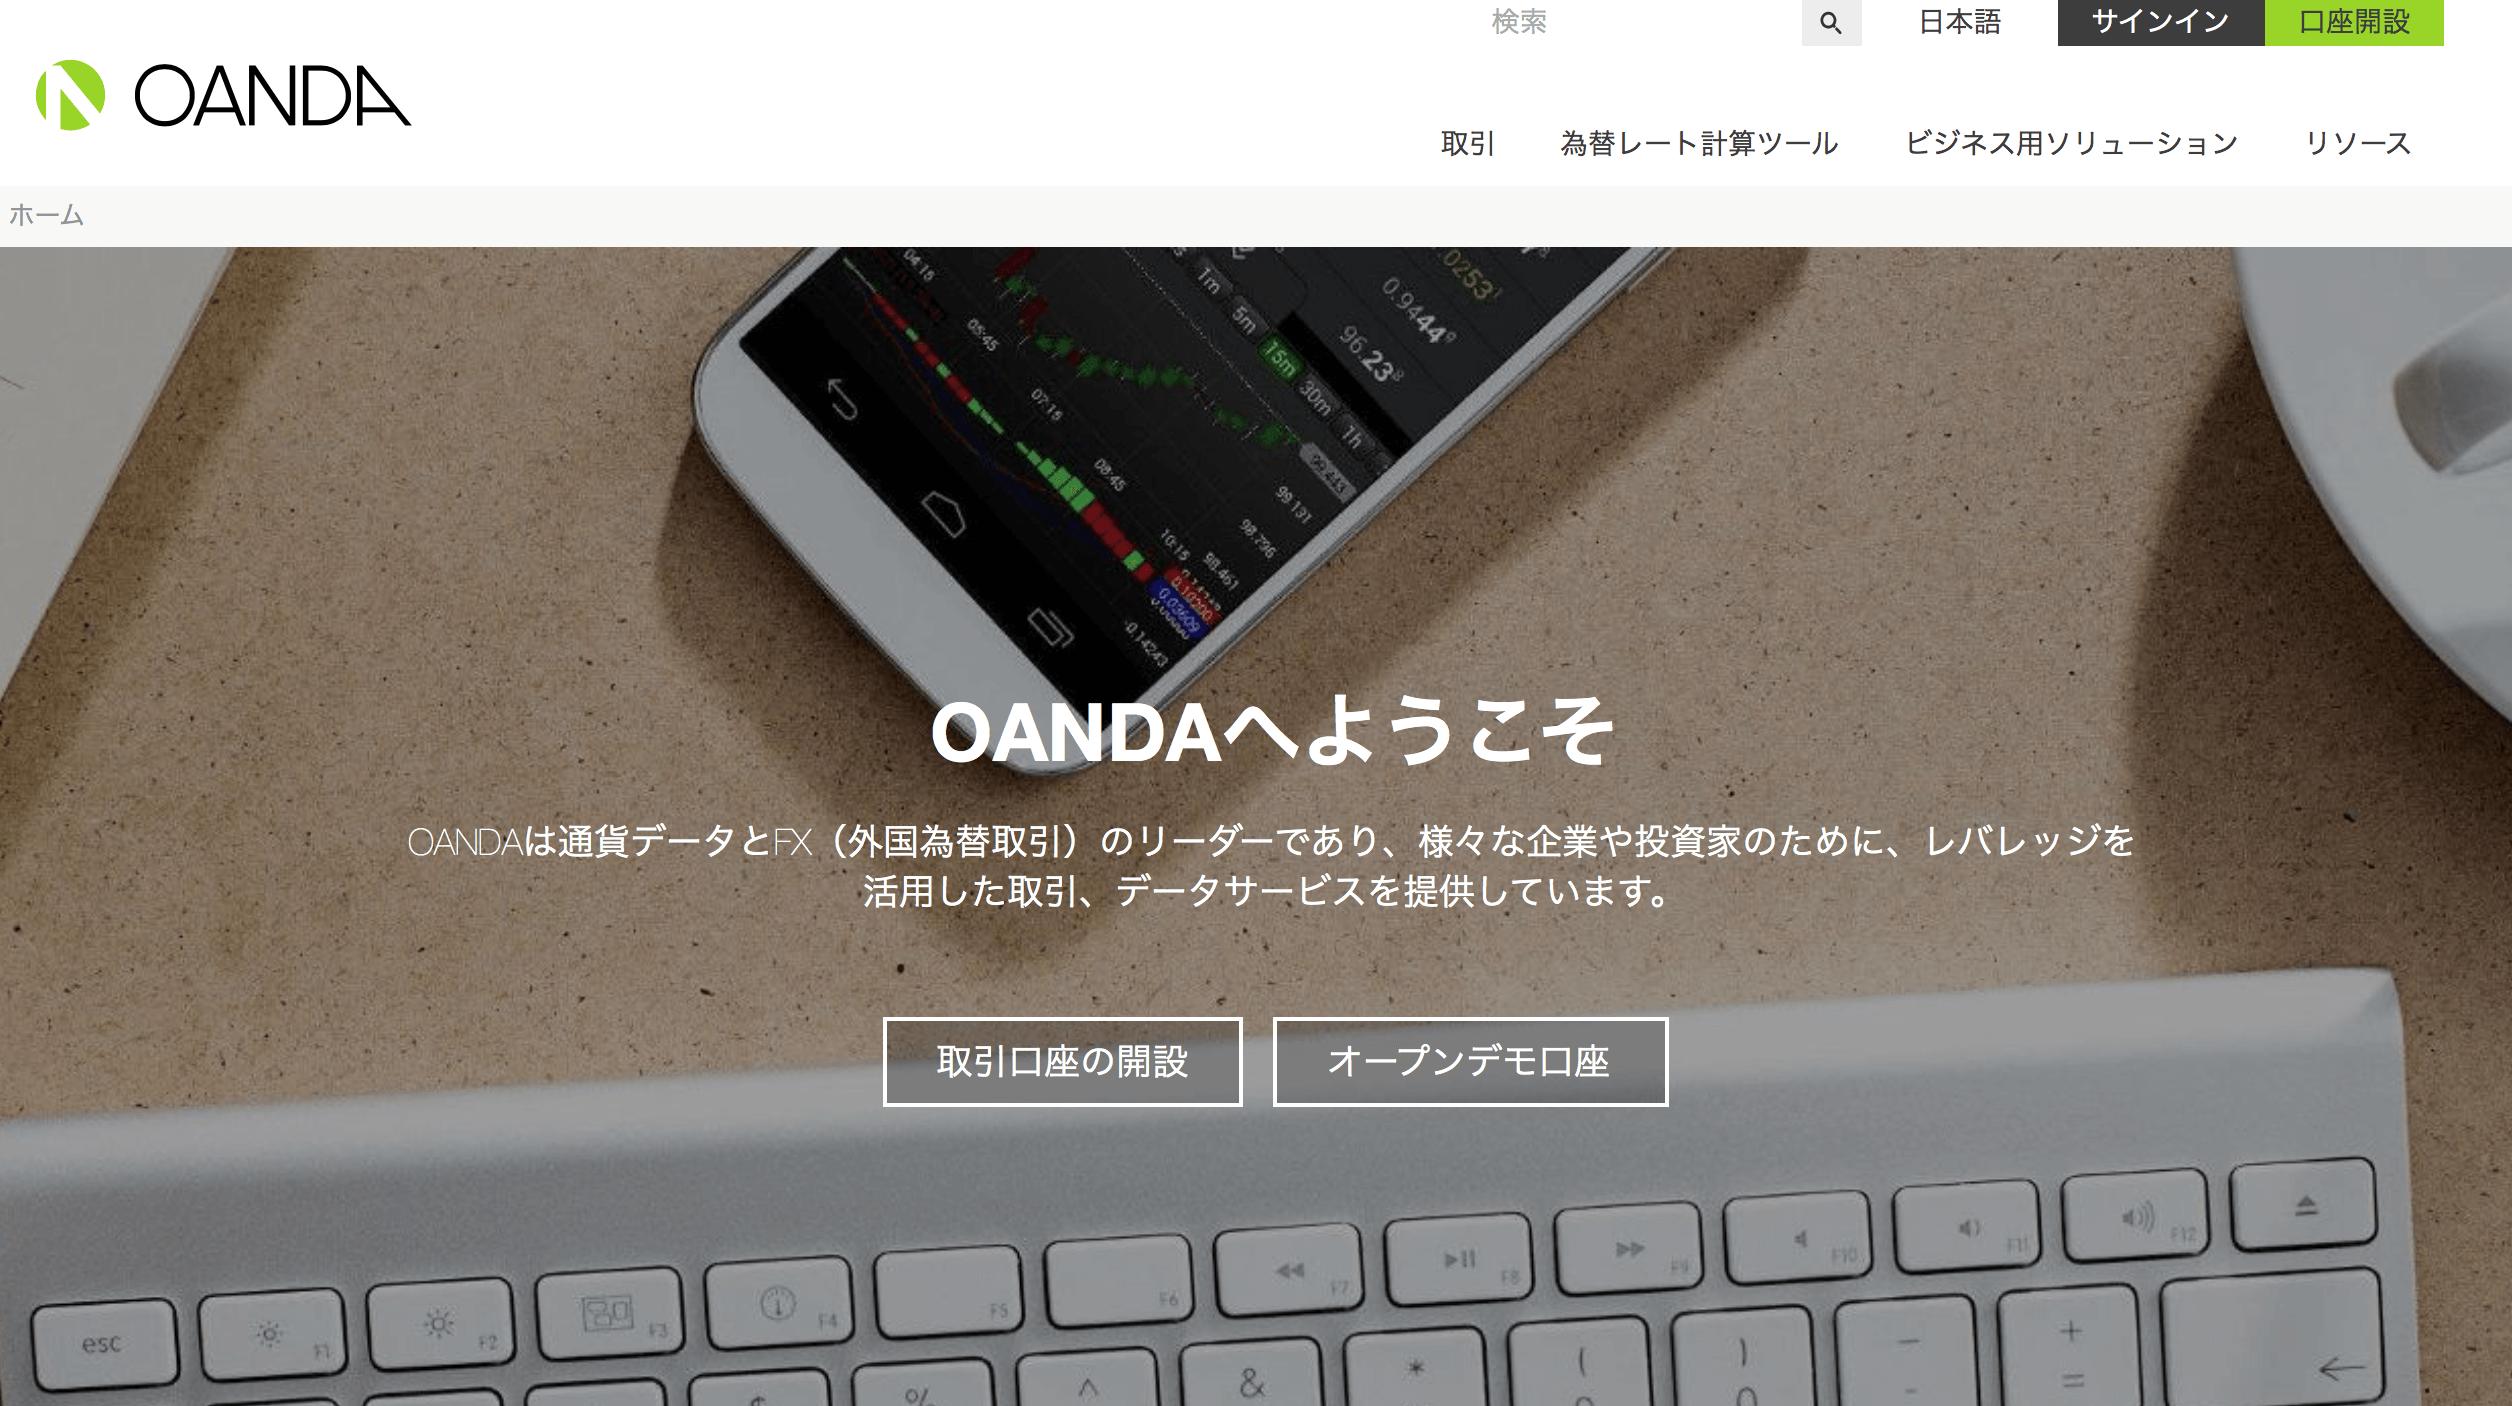 OANDAの公式ページ